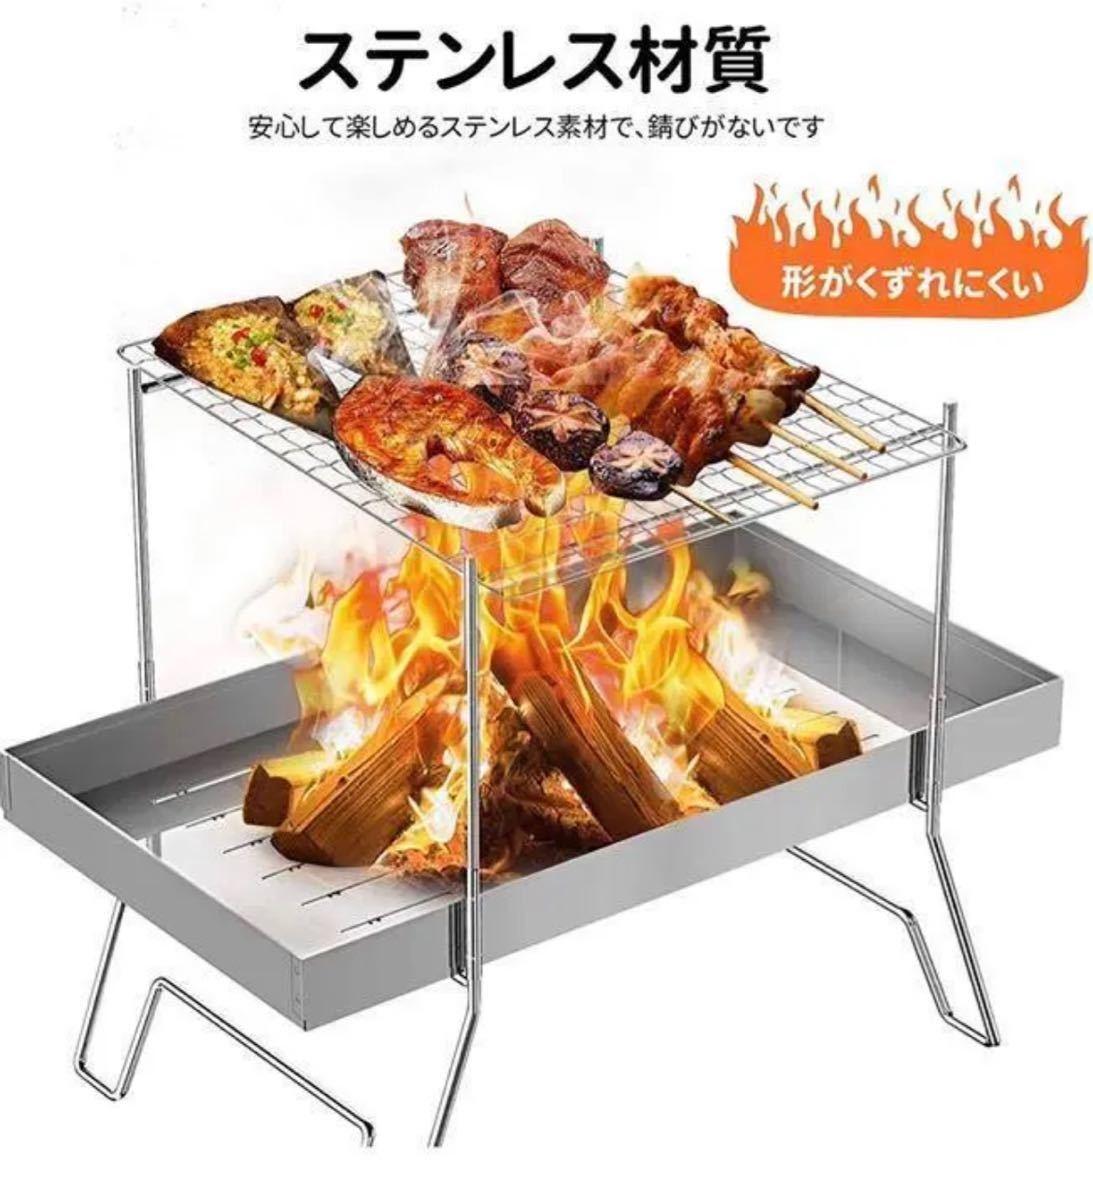 焚火台 焚き火台 バーベキュー コンロ コンパクト 折り畳み アウトドア BBQ グリル 新品